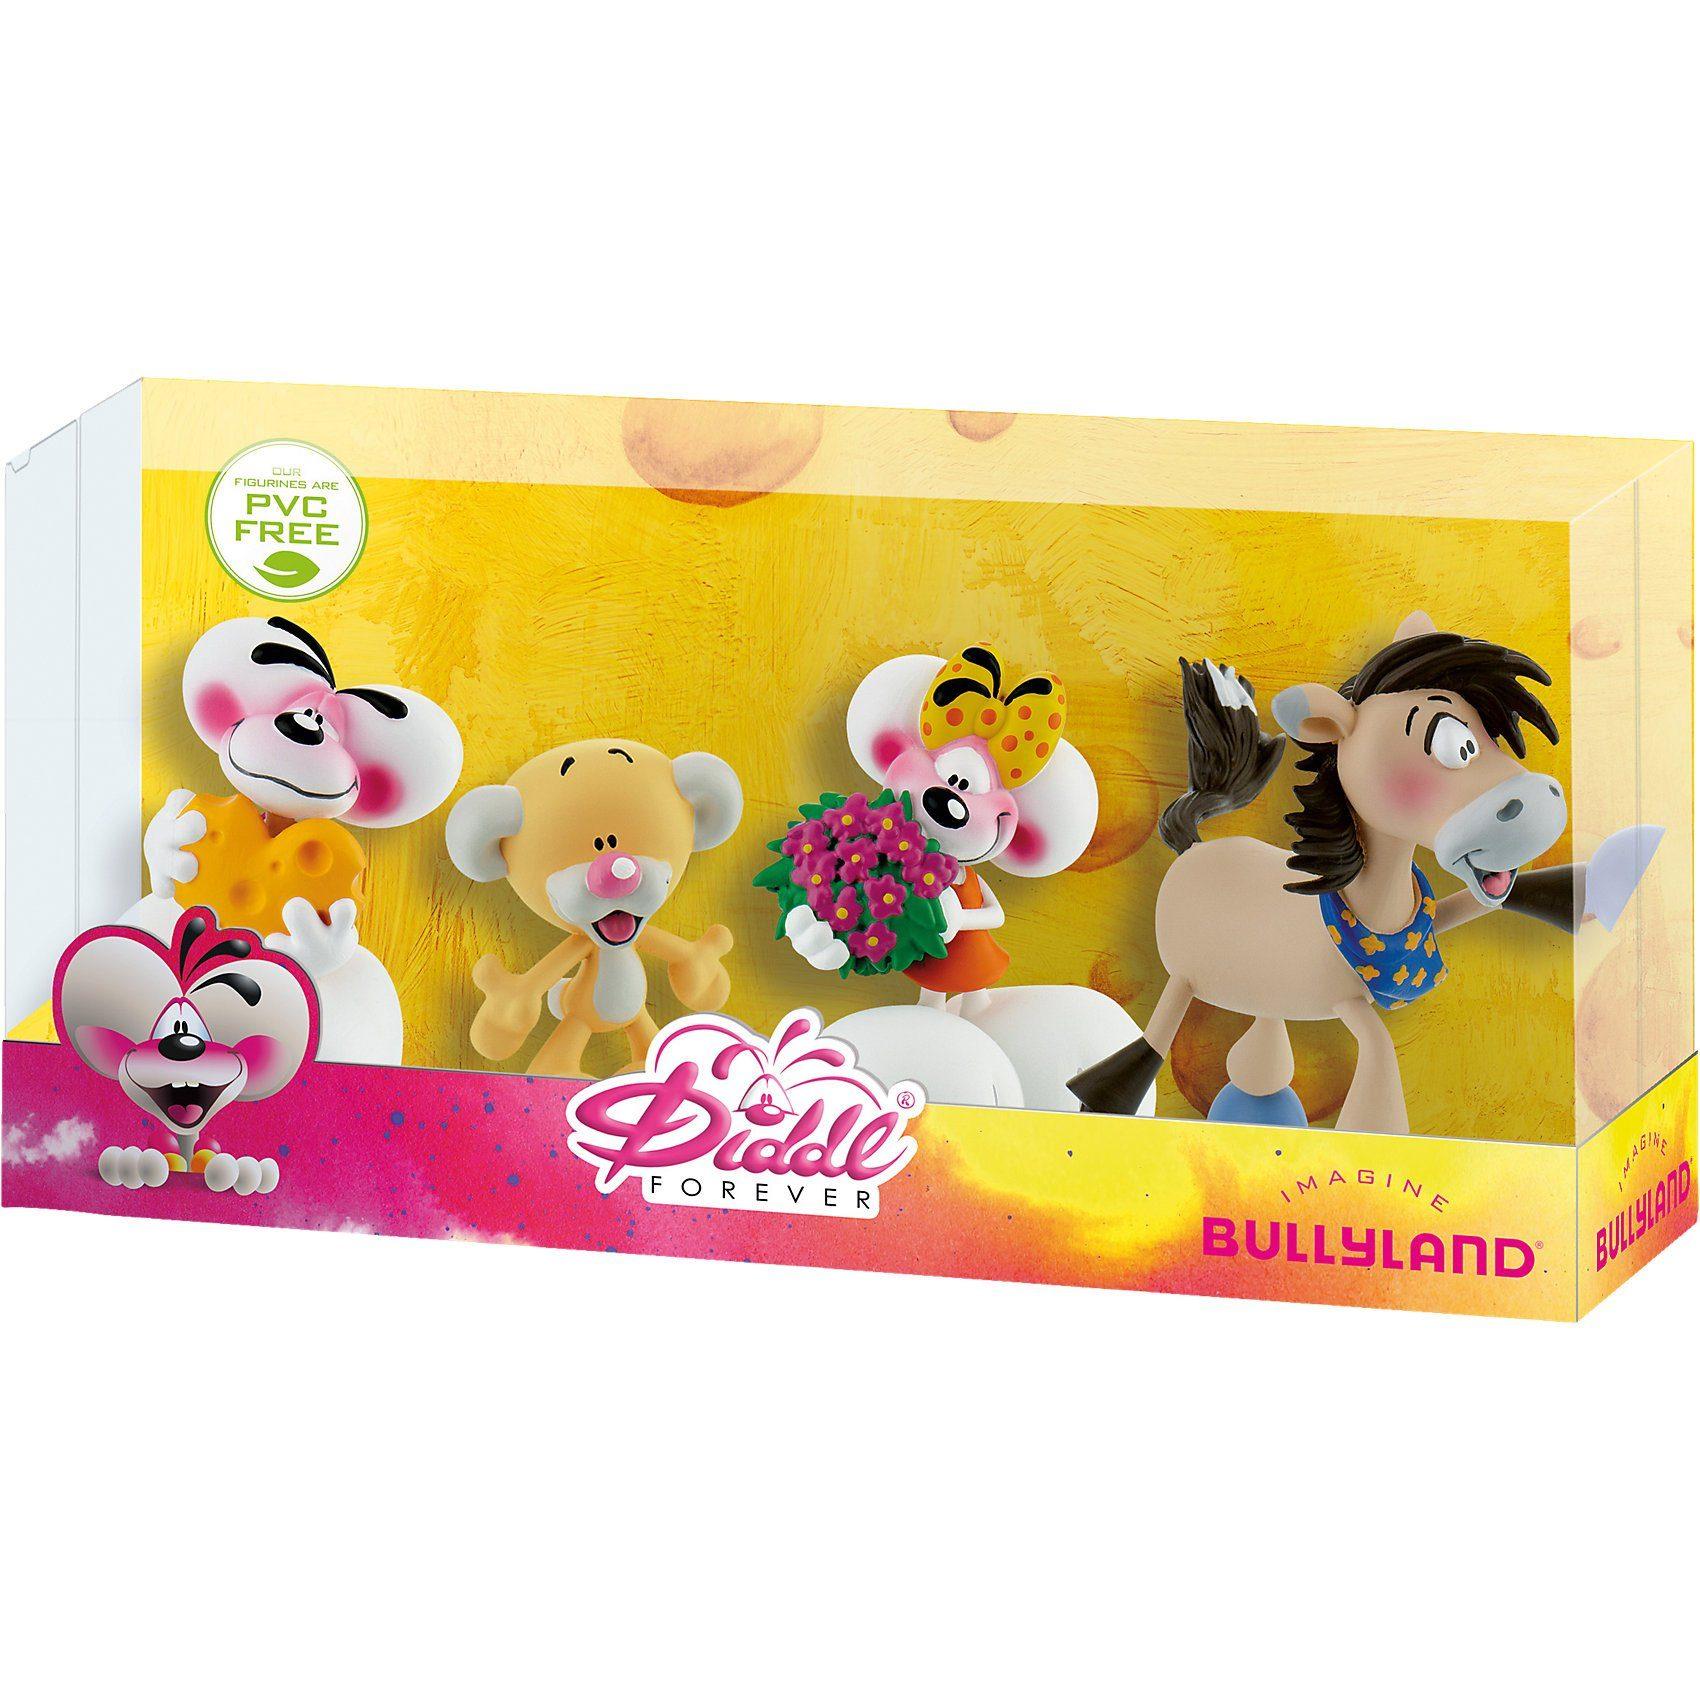 BULLYLAND Geschenk-Box Diddl Forever mit 4 Spielfiguren